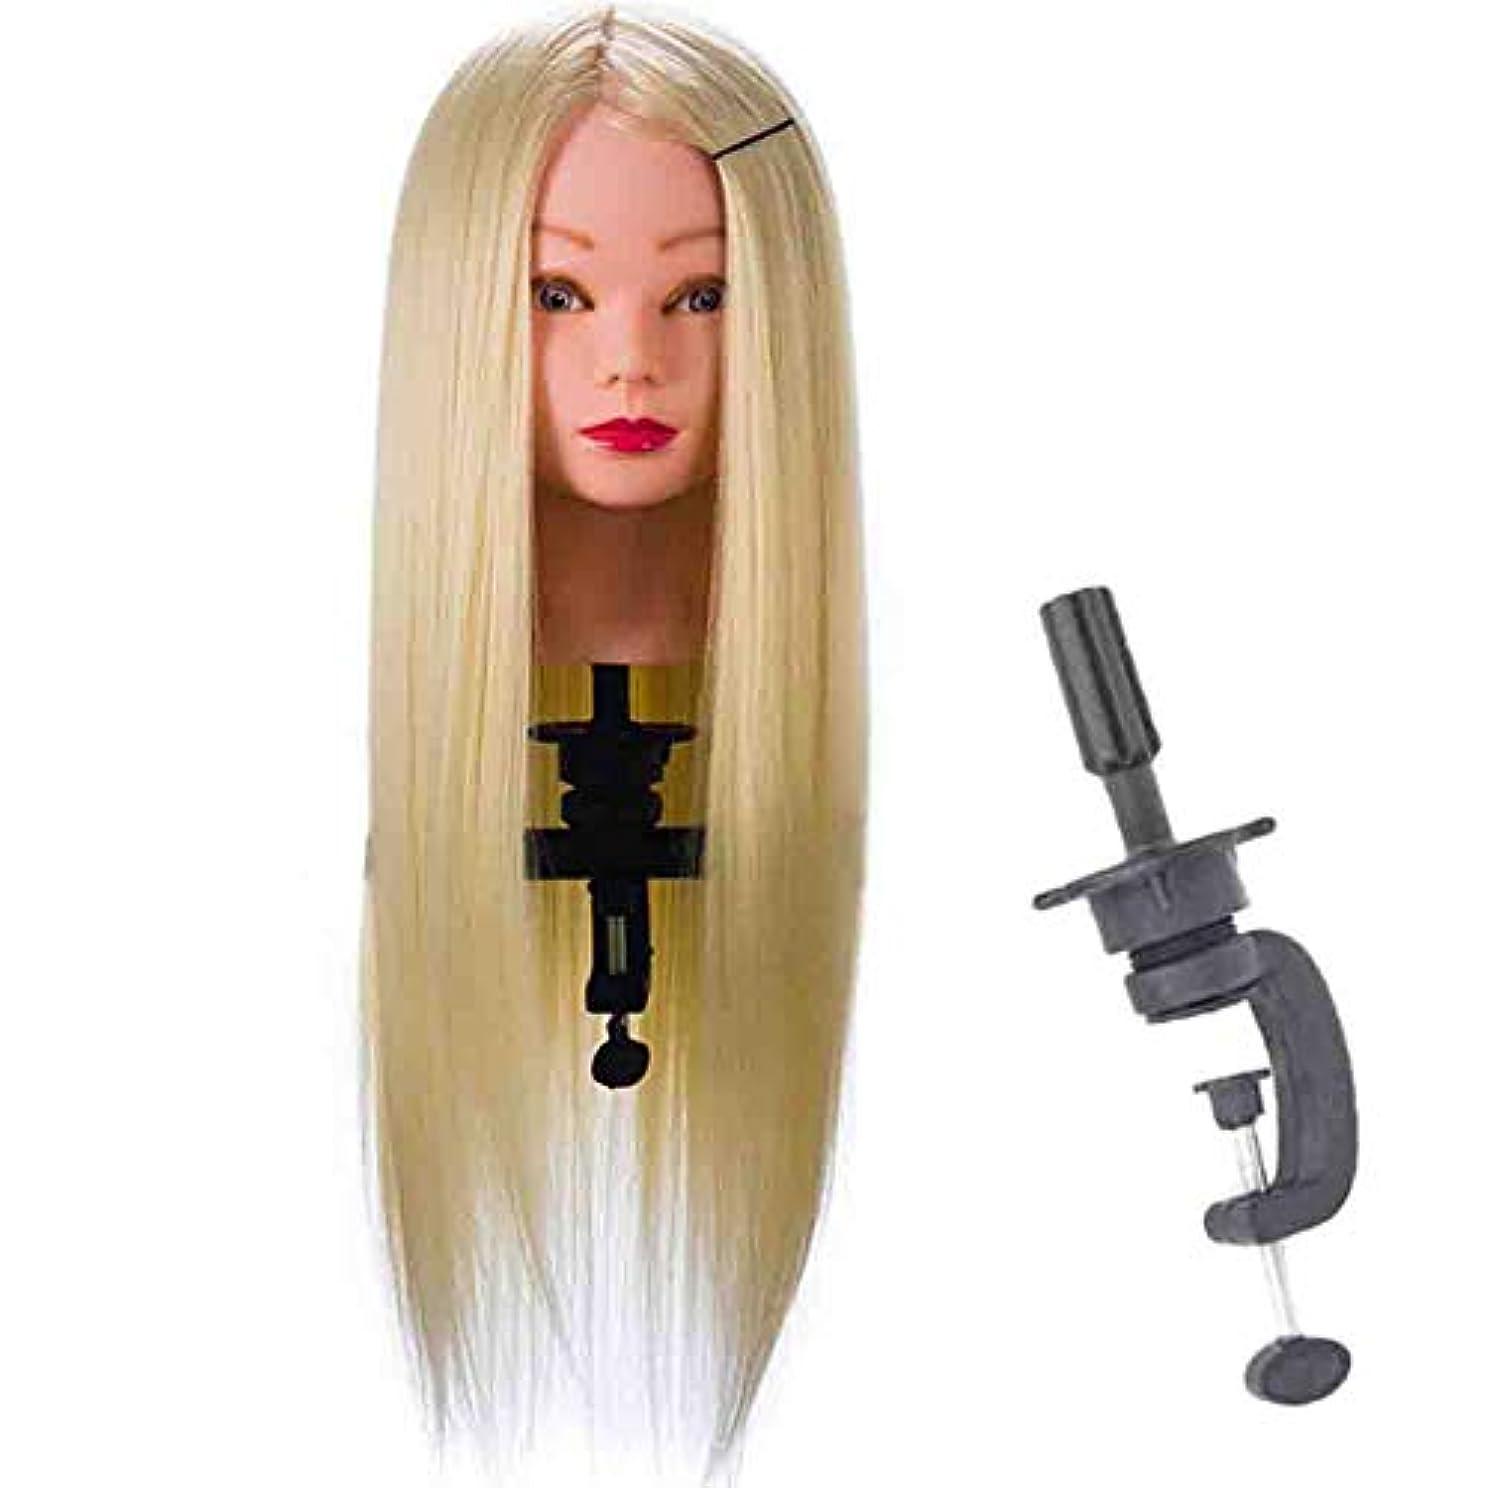 マントルうっかり規定シミュレーションウィッグヘッドダイドールヘッドモデルエクササイズディスクヘアブレードヘアメイクスタイリングヘアサロンダミーマネキンヘッド